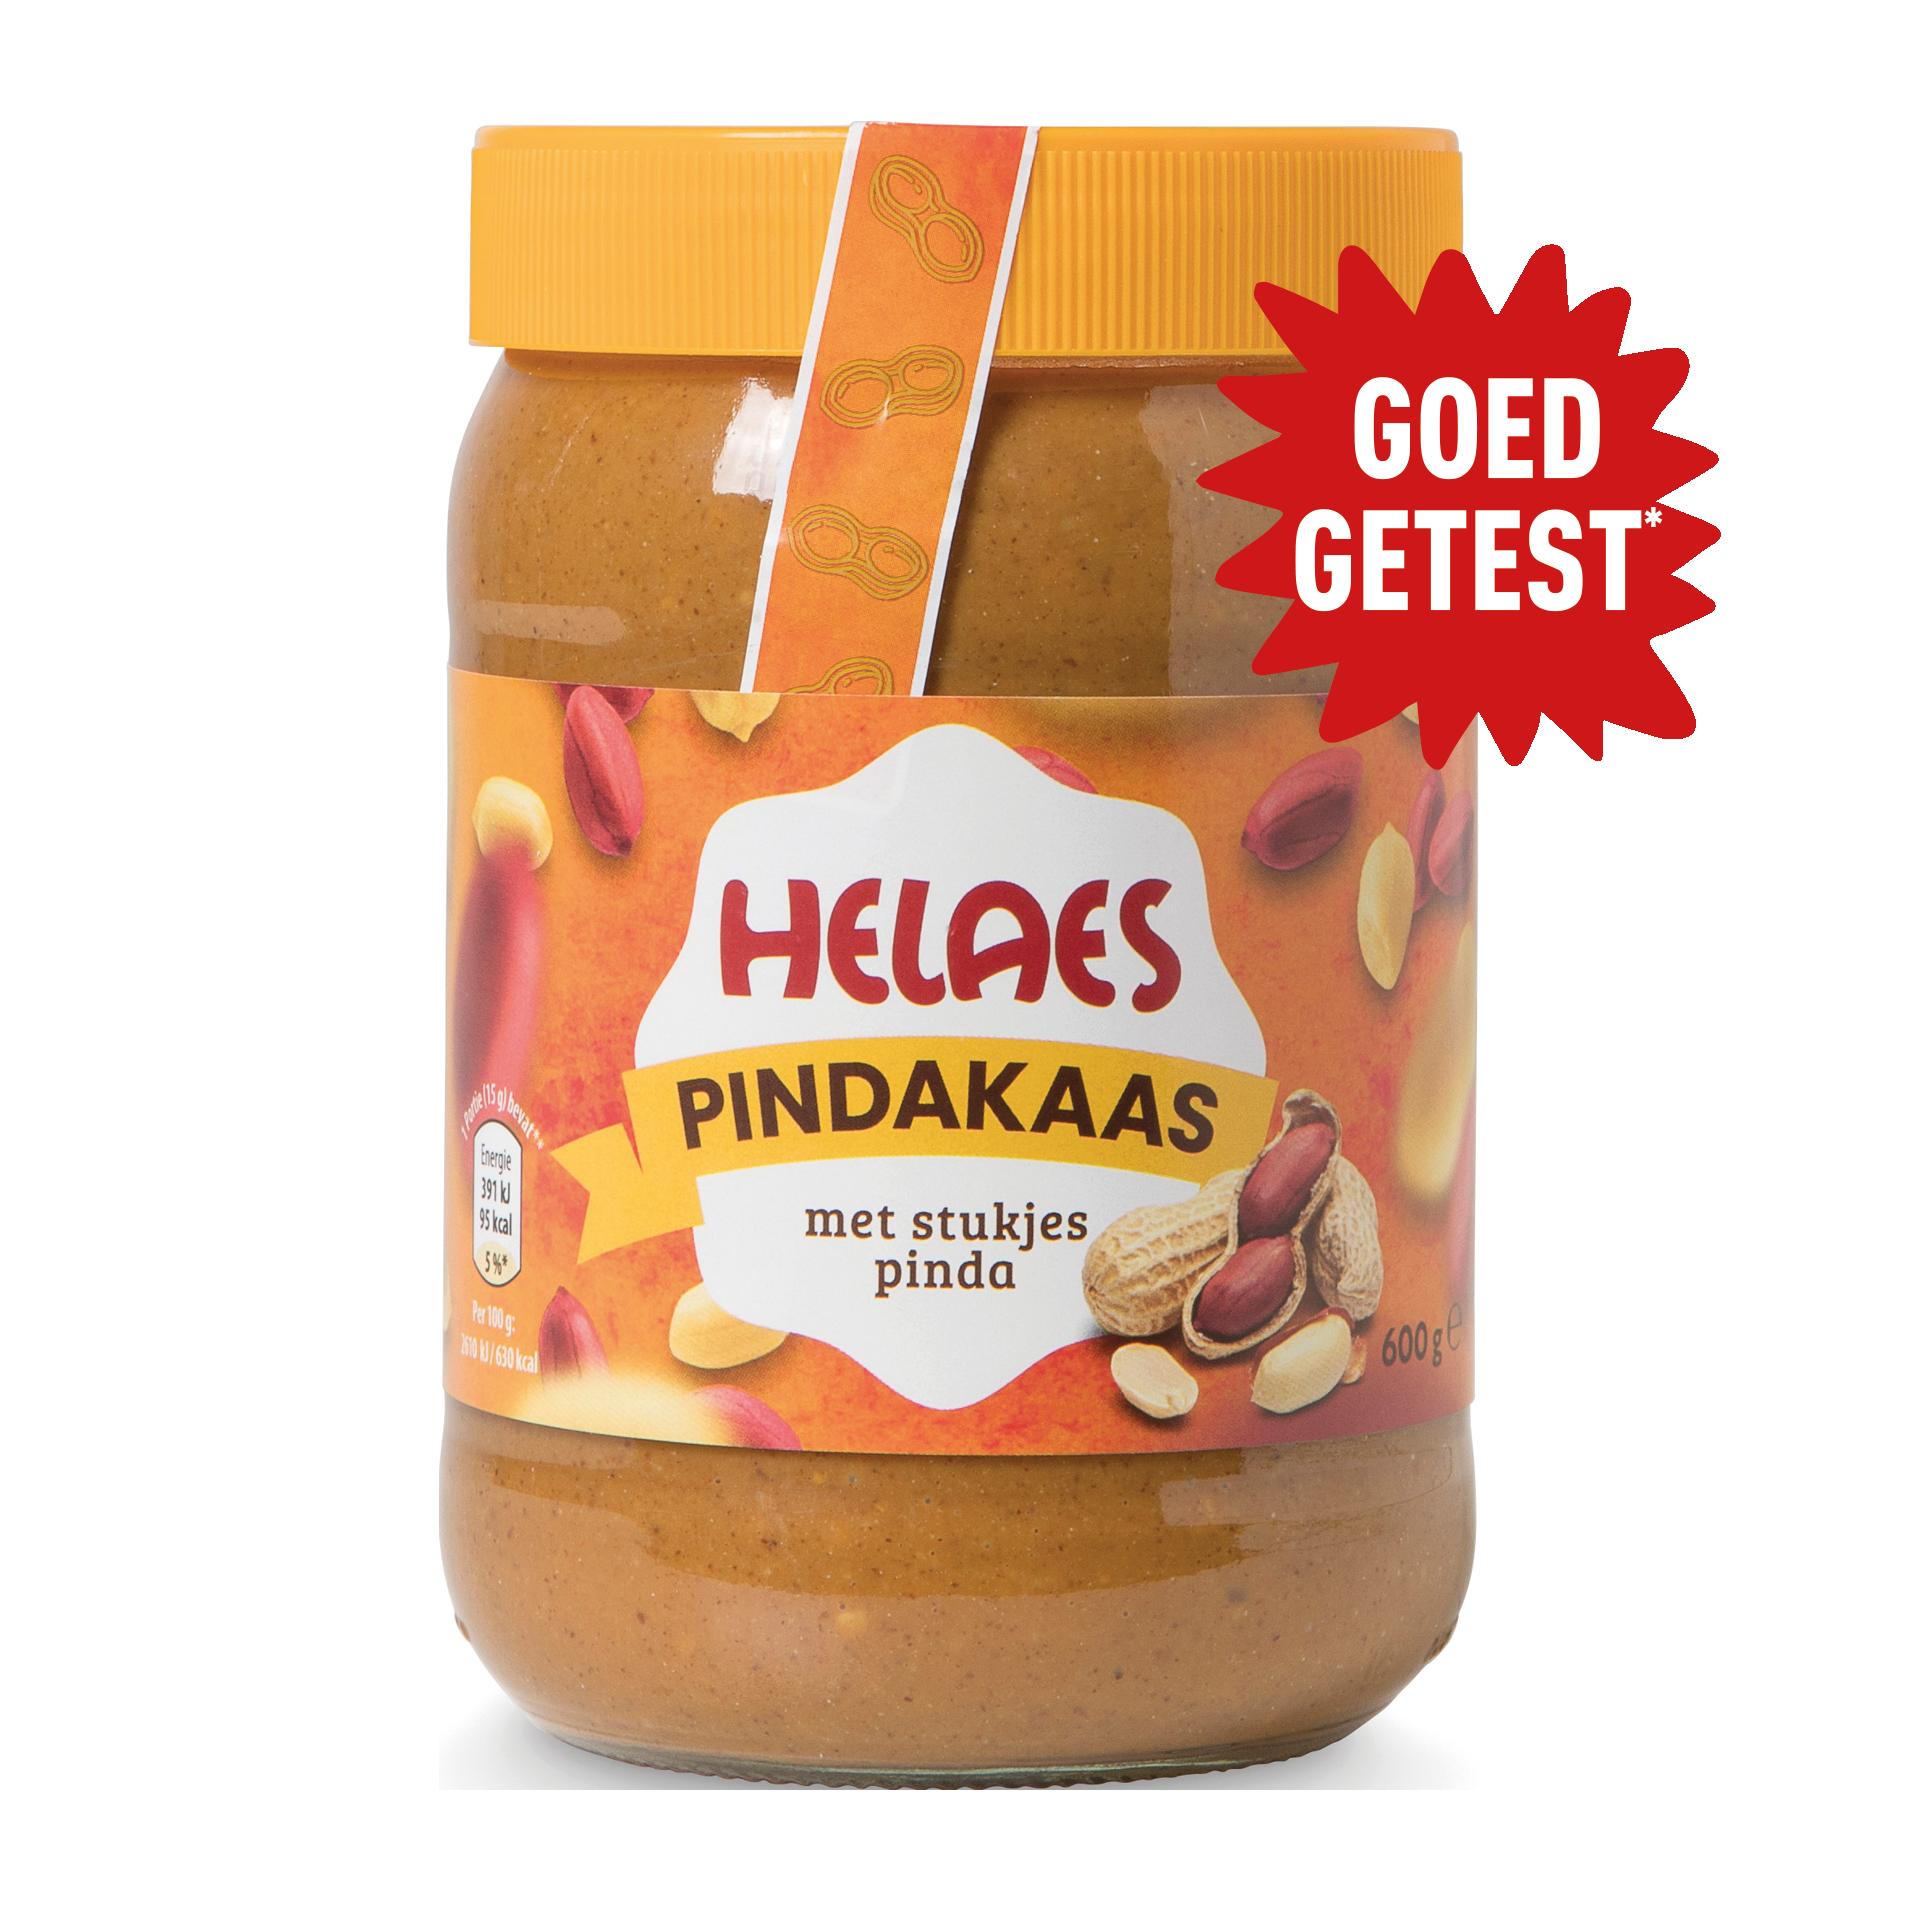 https://www.aldi.nl/content/dam/aldi/netherlands/aldi_merken/2003381_Helaes_Pindakaas_MetStukjesPinda_RGB_goedgetest.png